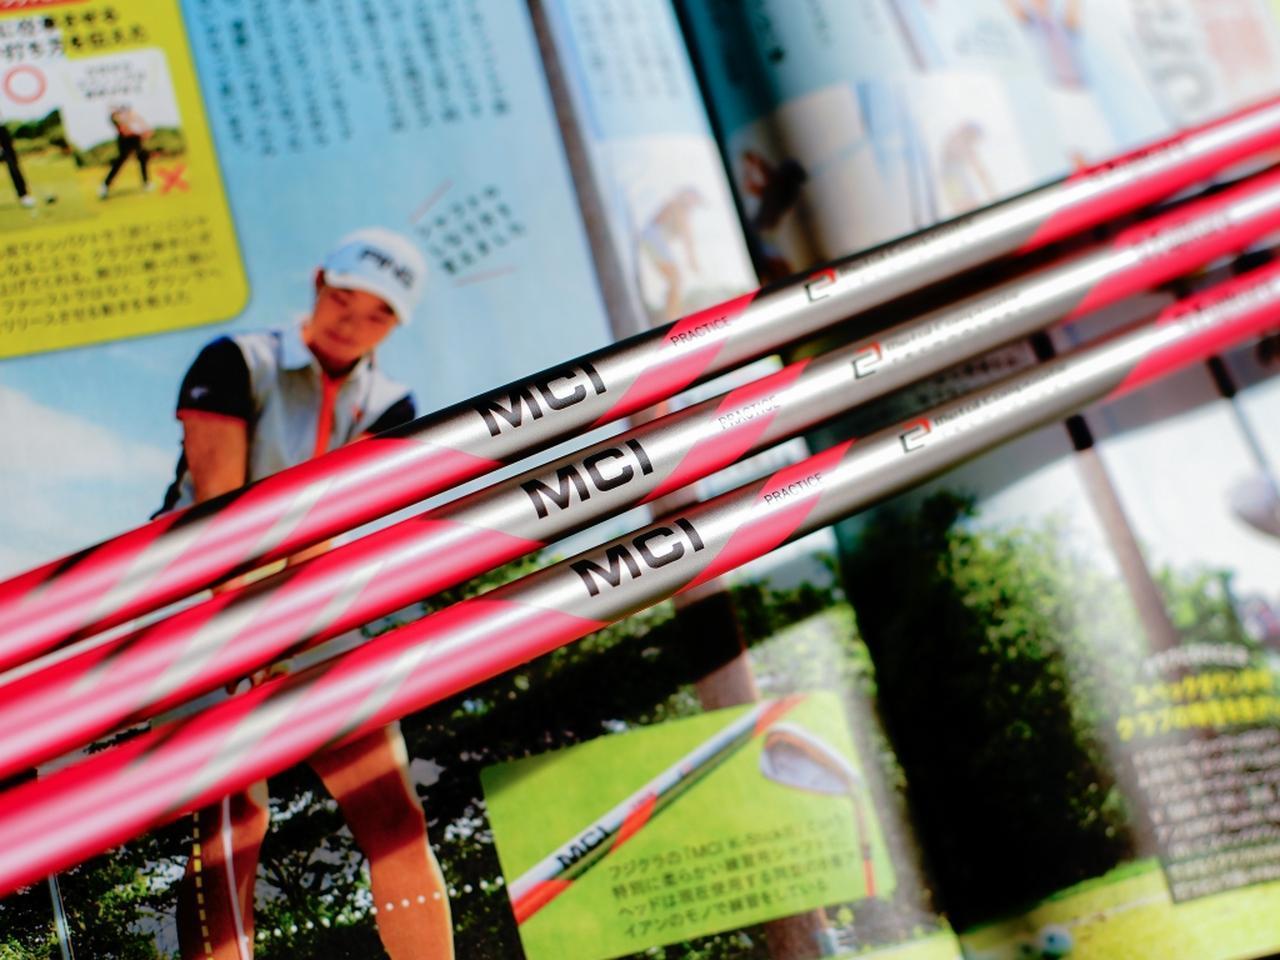 画像: 【プレゼント】渋野日向子が使っている練習用超軟シャフト。7番アイアンのヘッド付きで3名に! - ゴルフへ行こうWEB by ゴルフダイジェスト